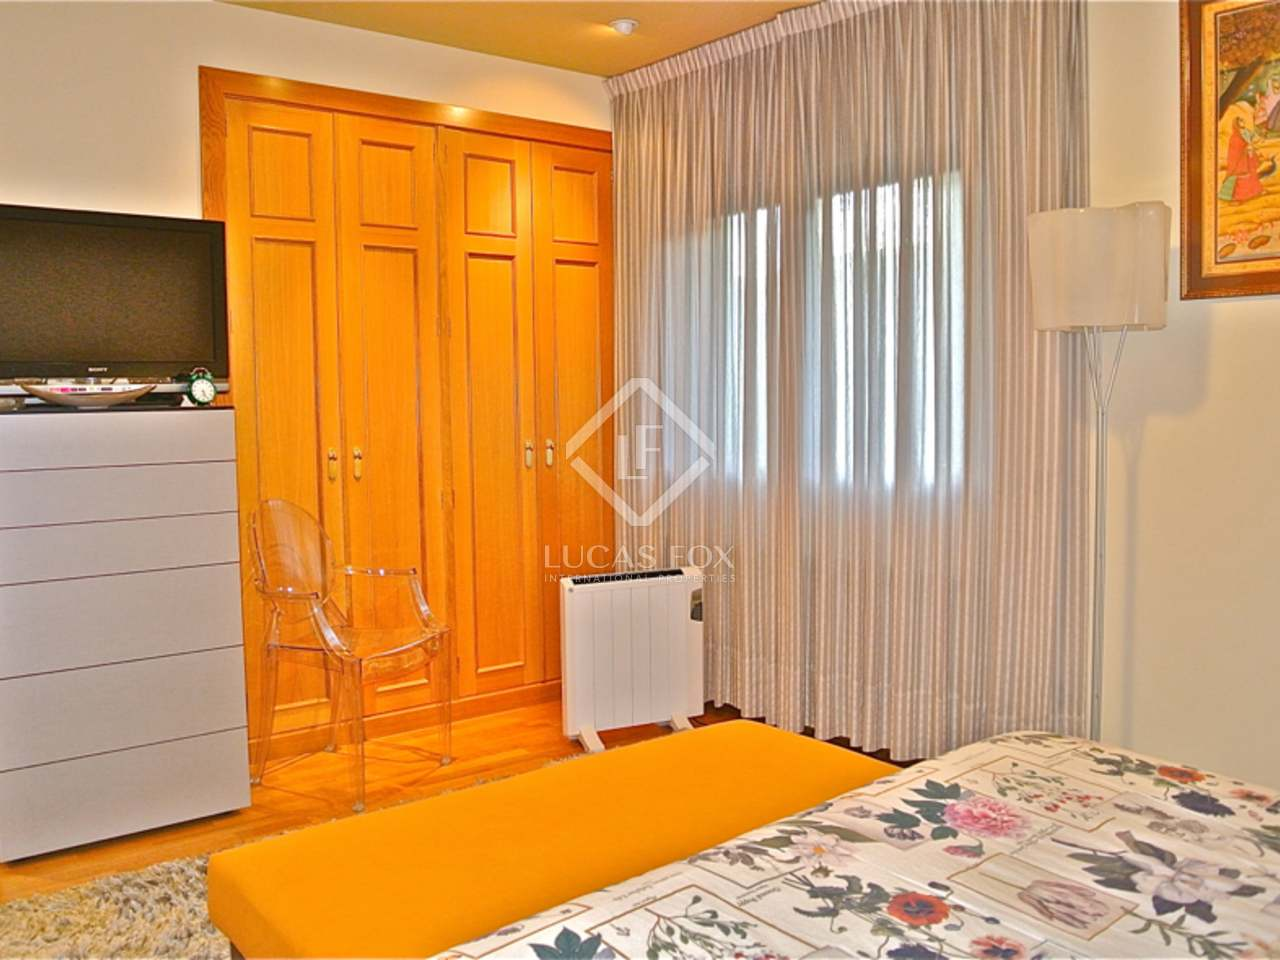 210m wohnung mit 12m terrasse zum verkauf in andorra la vella. Black Bedroom Furniture Sets. Home Design Ideas